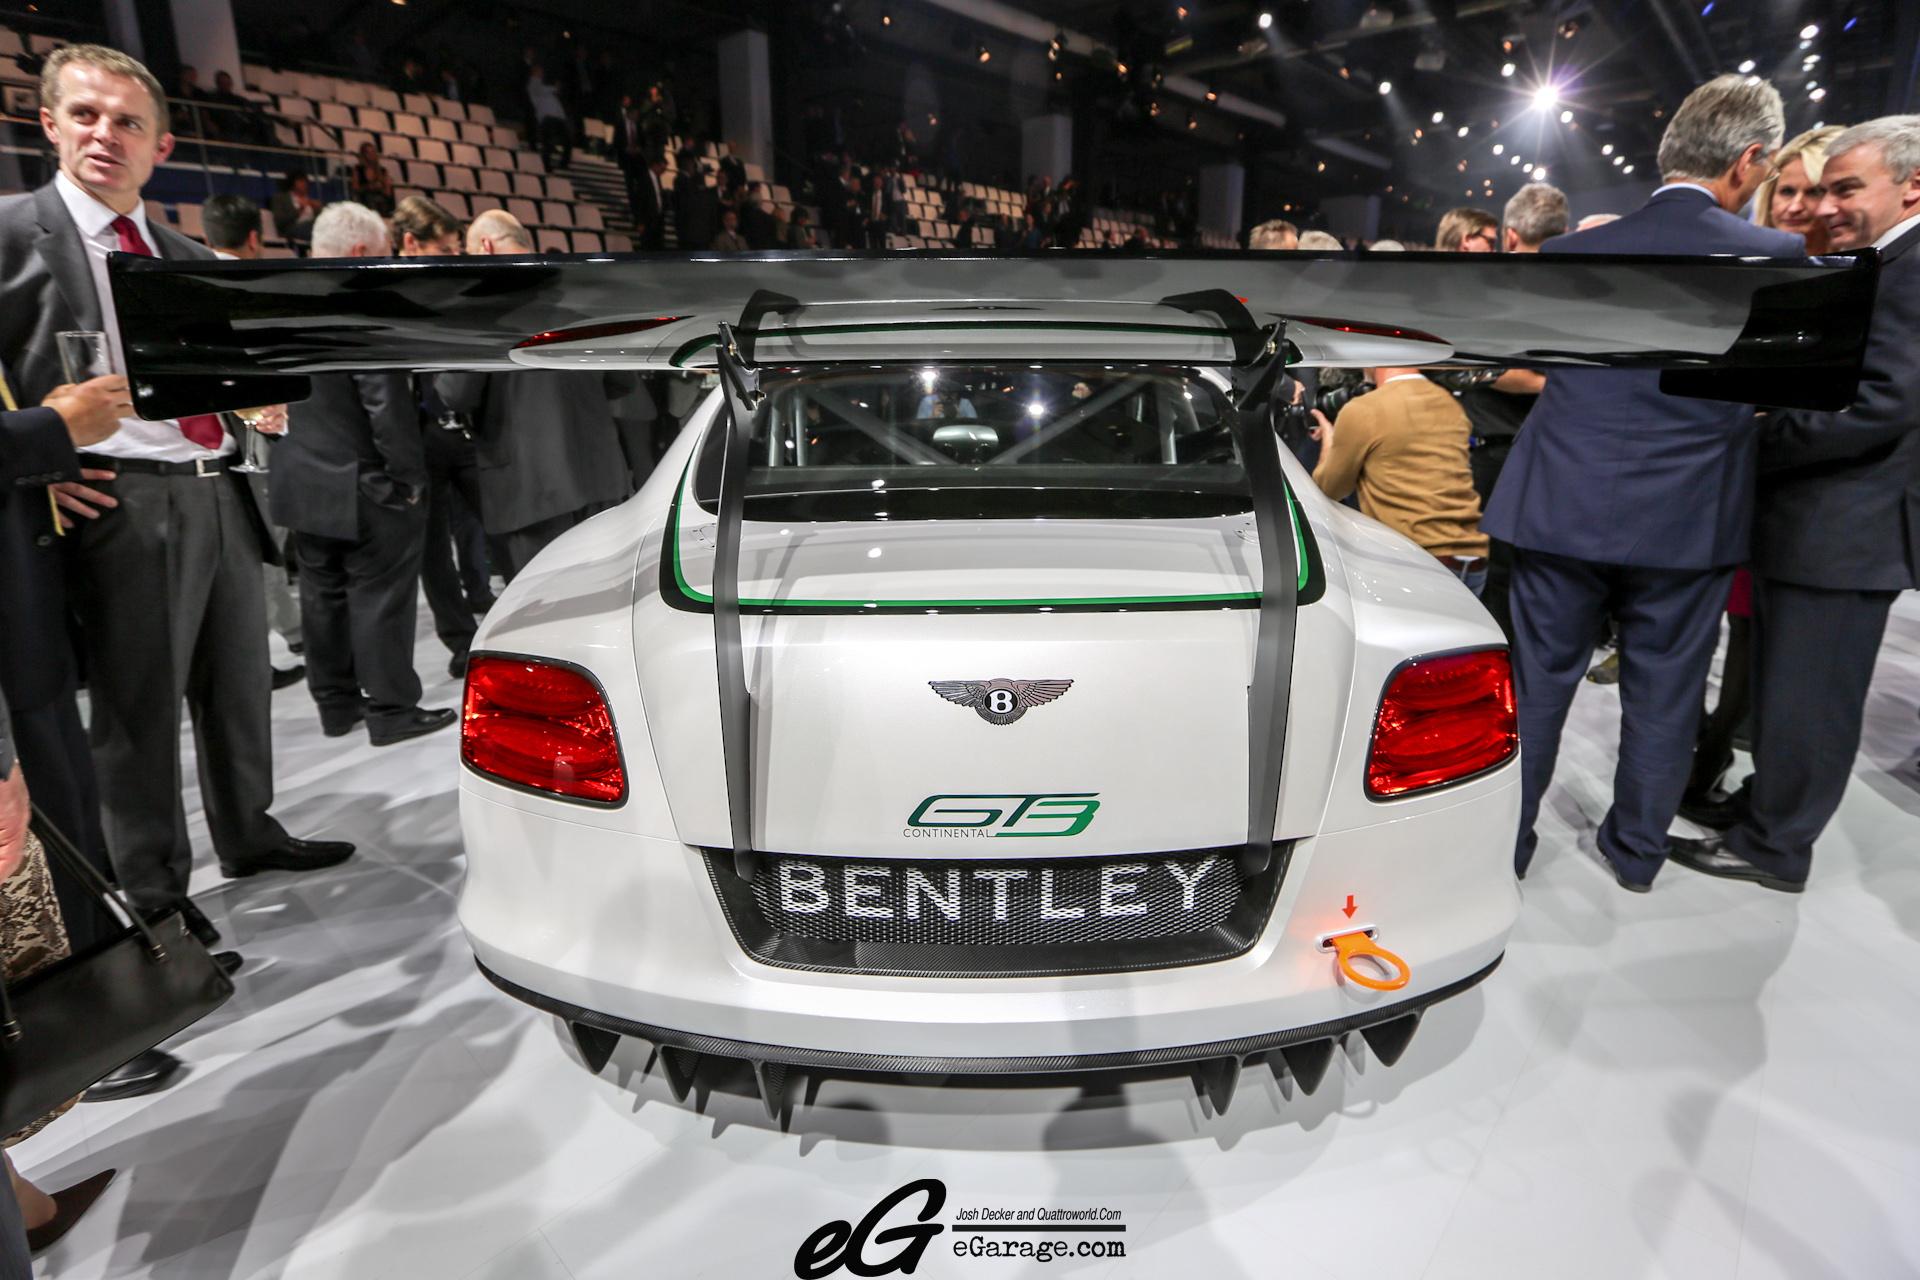 8030395081 87c5ca542d o 2012 Paris Motor Show